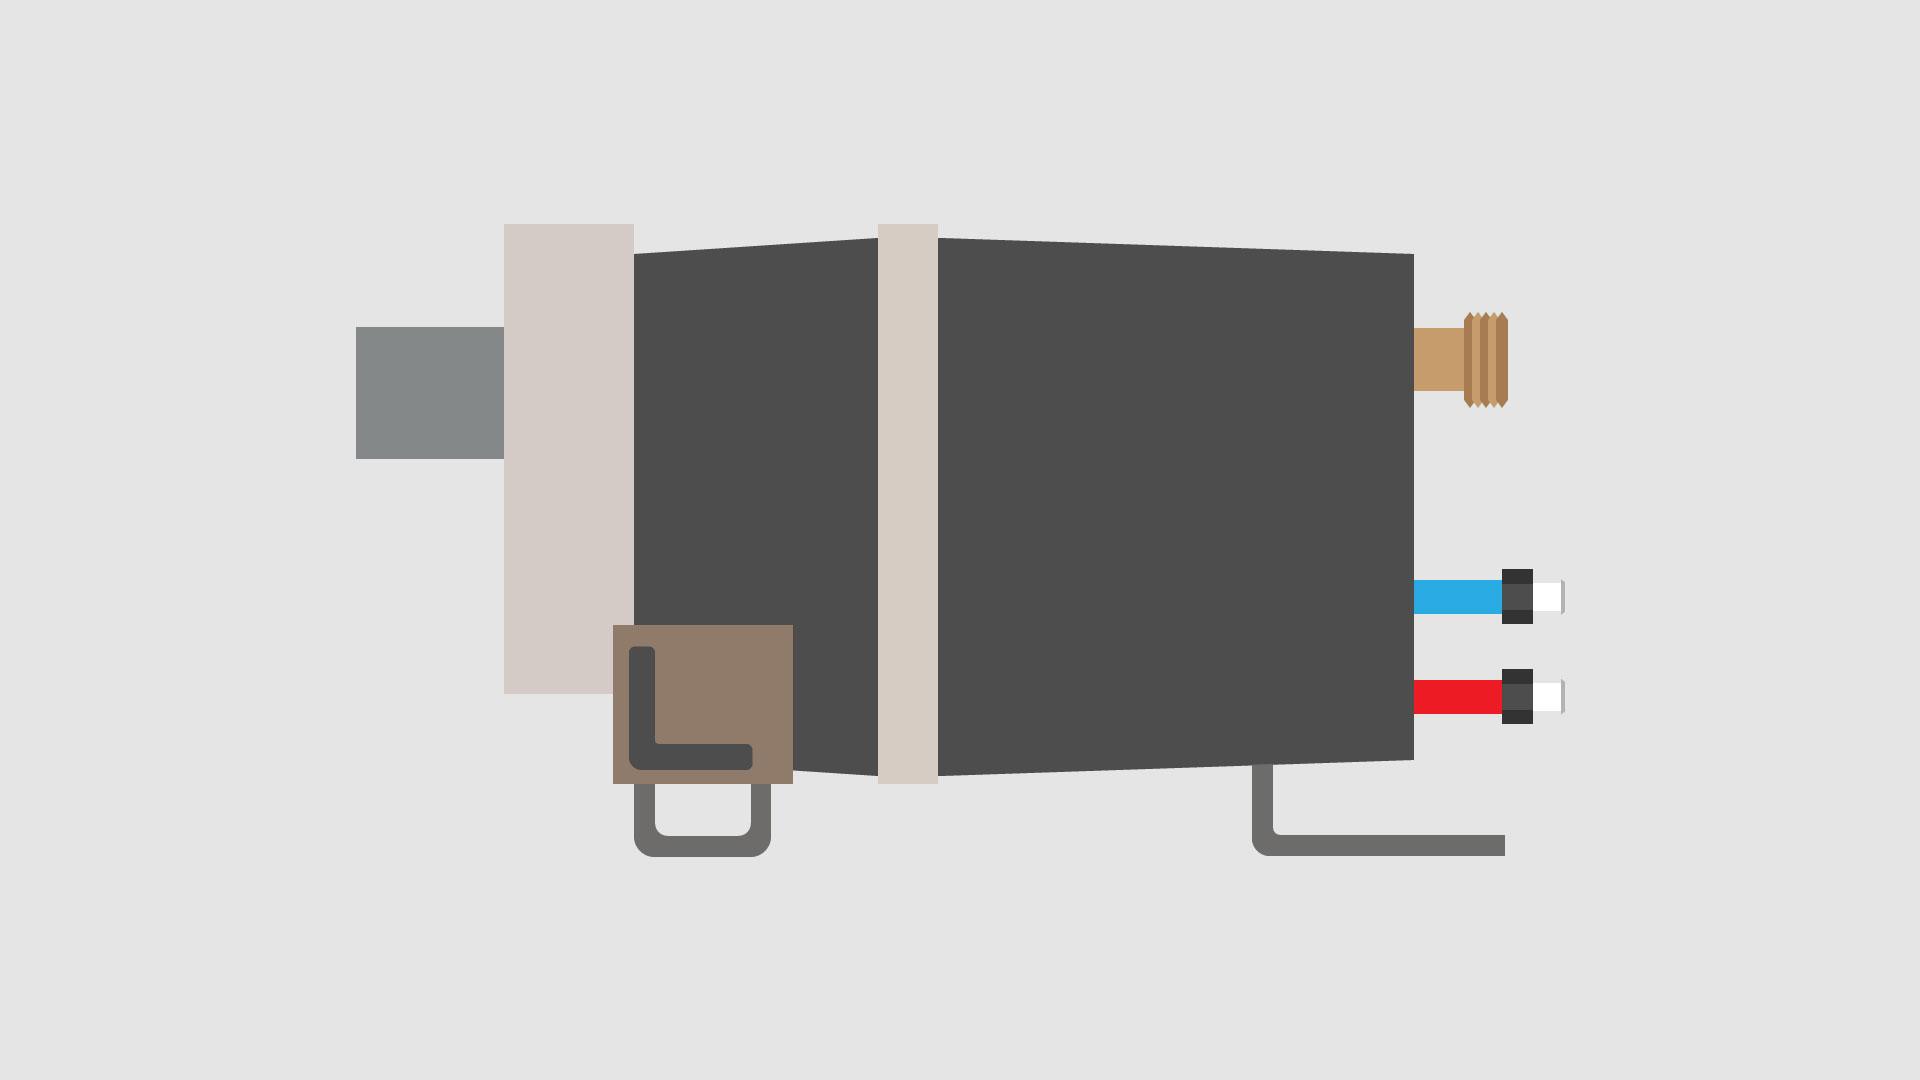 Campervan LPG Mains Gas Water Boiler